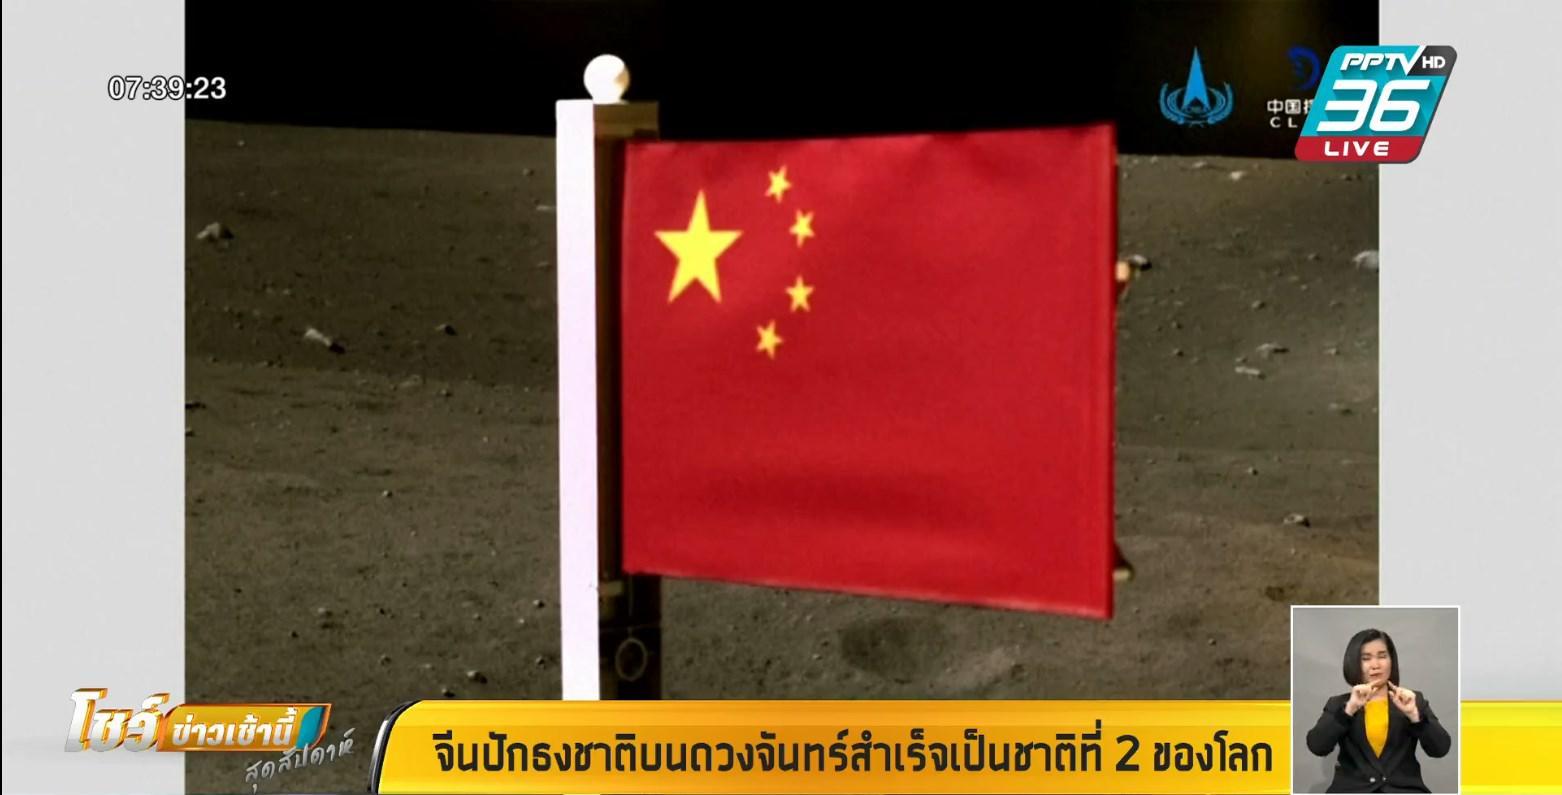 จีนปักธงชาติ บนผิวดวงจันทร์ ประเทศที่ 2 ของโลก